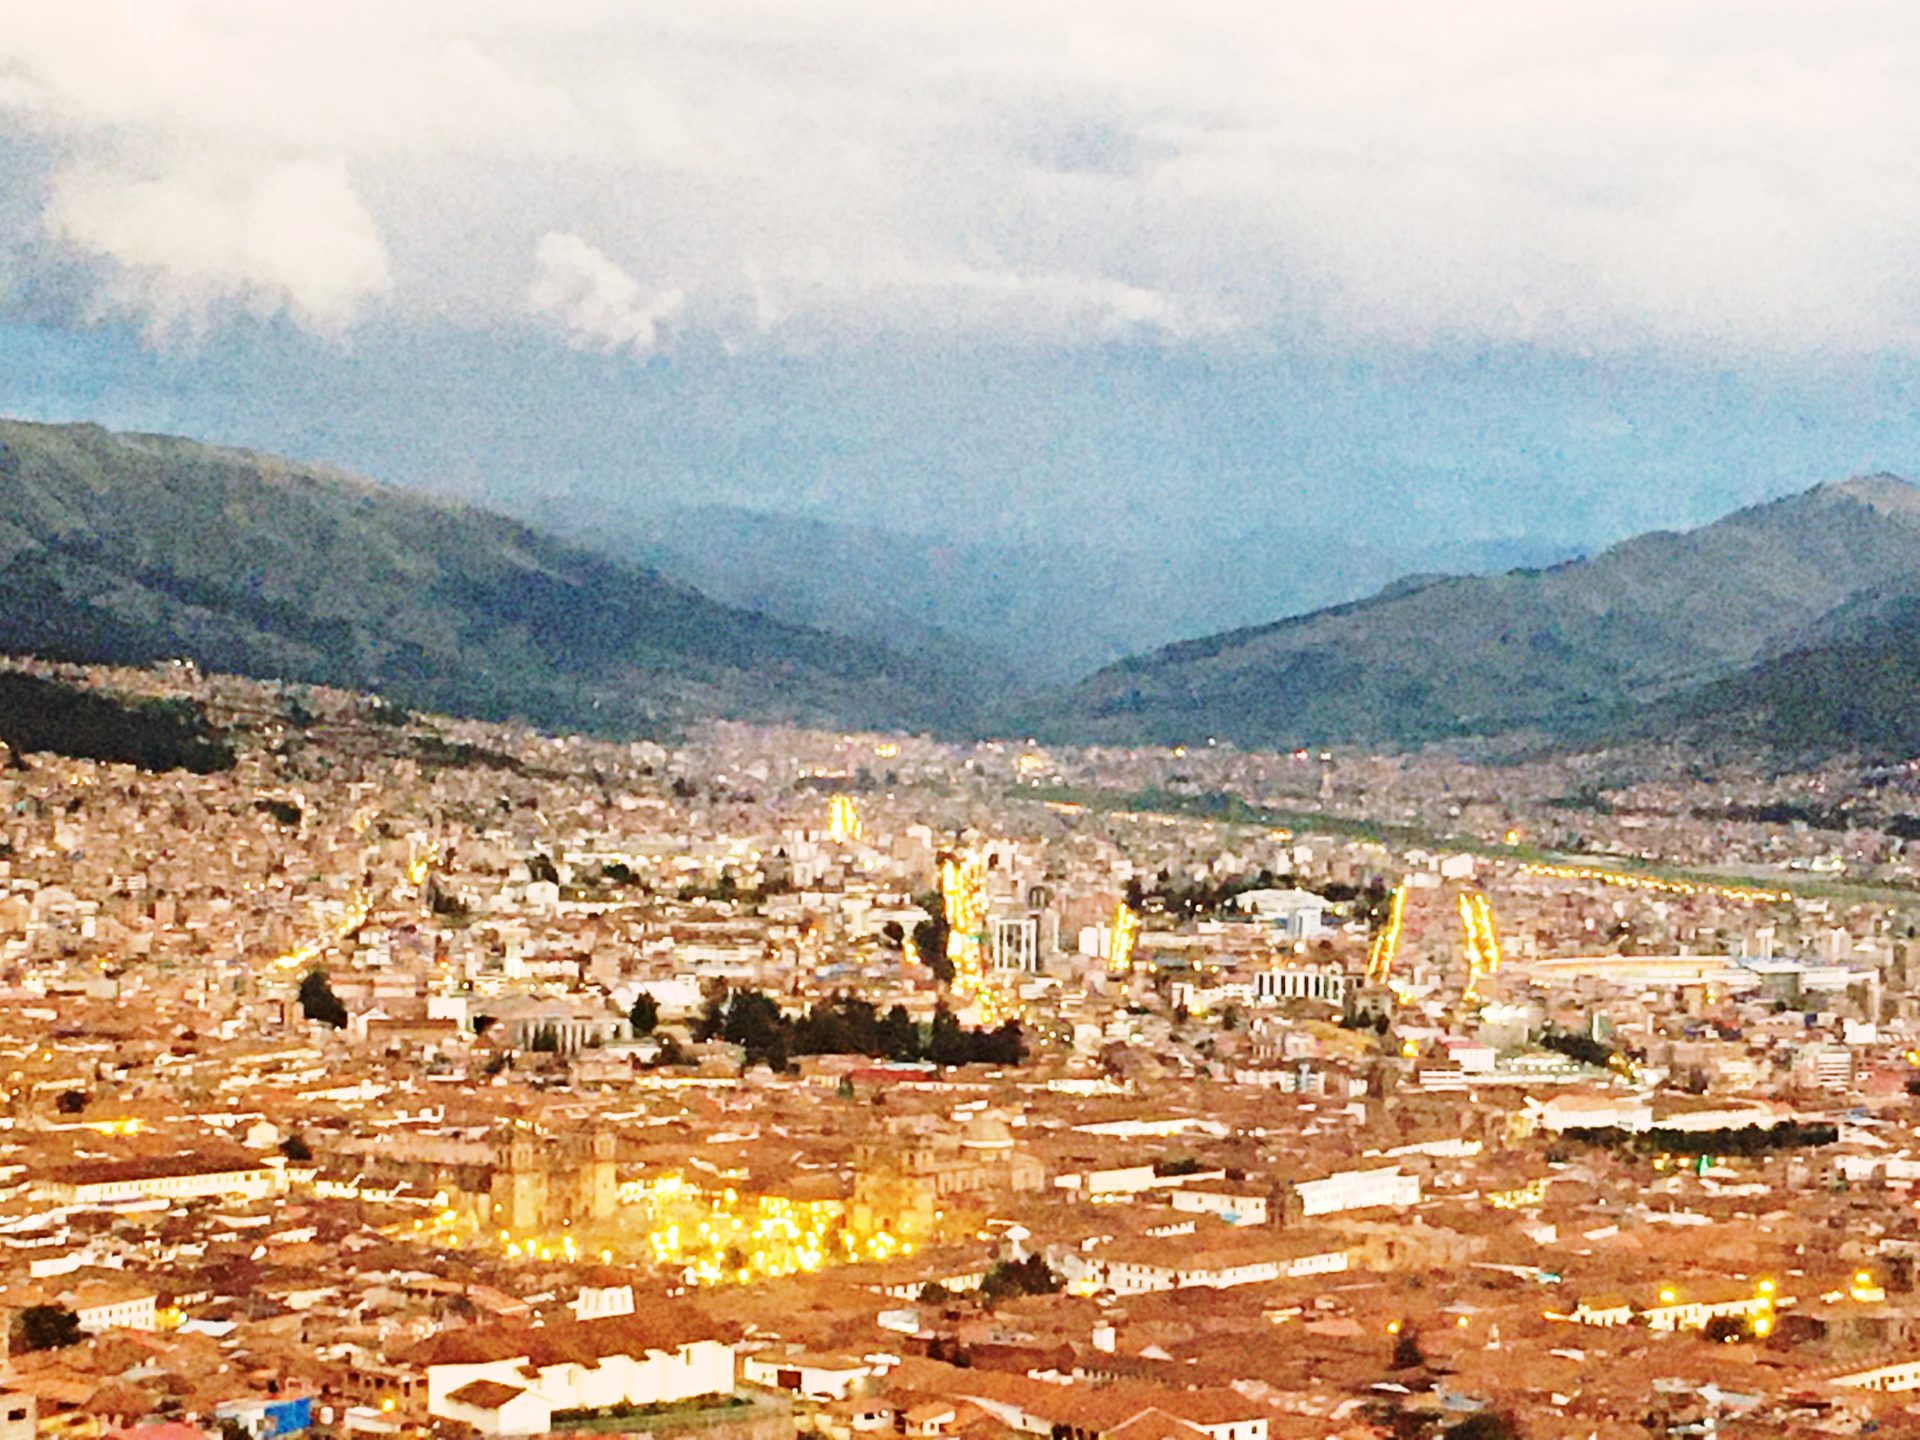 ペルー, クスコ, Cusco, アルマス, 広場, Plaza, Armas